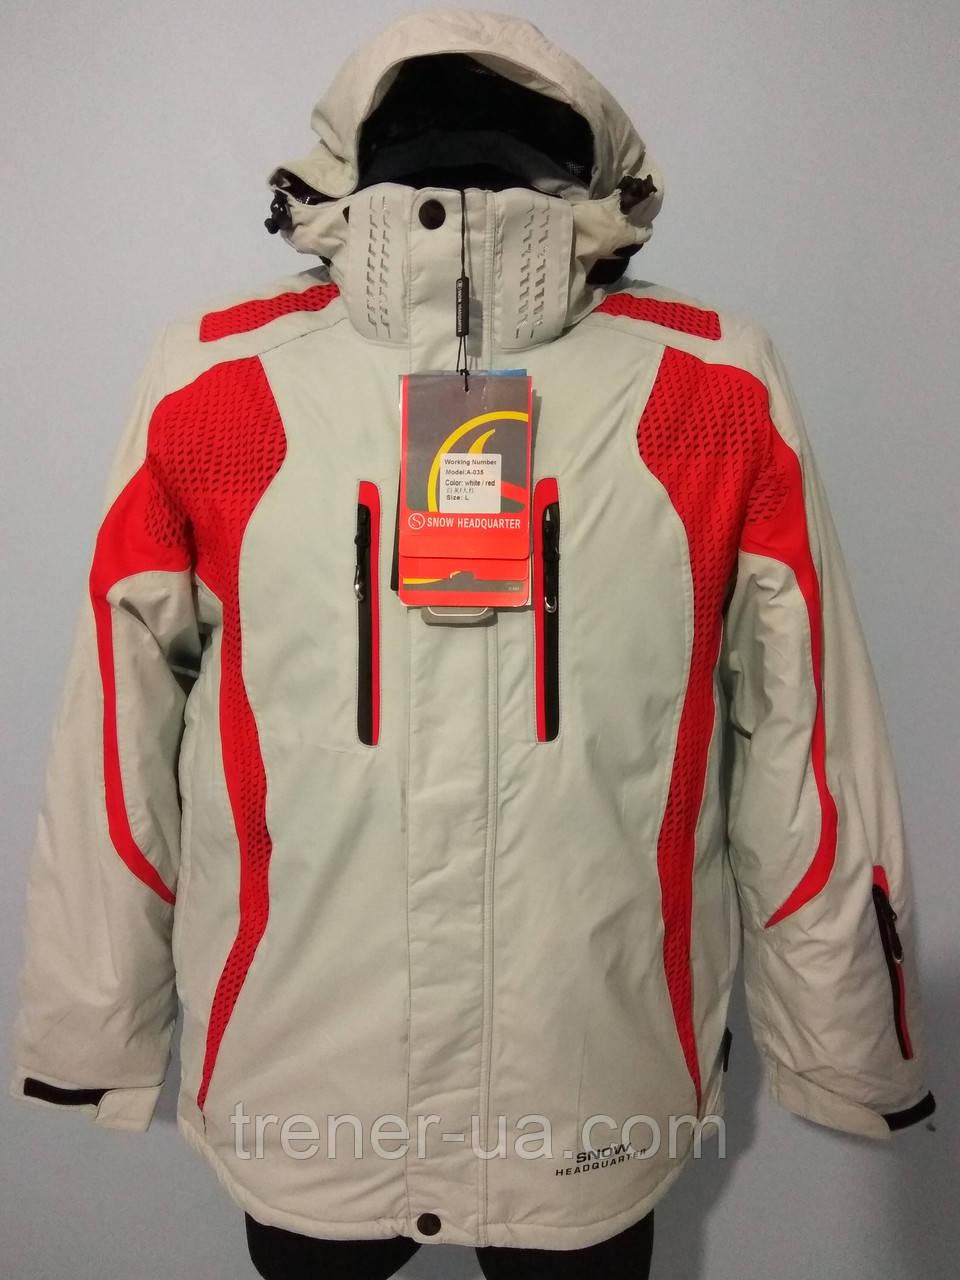 Чоловіча куртка гірськолижна Snow headquarter c Omni-Heat